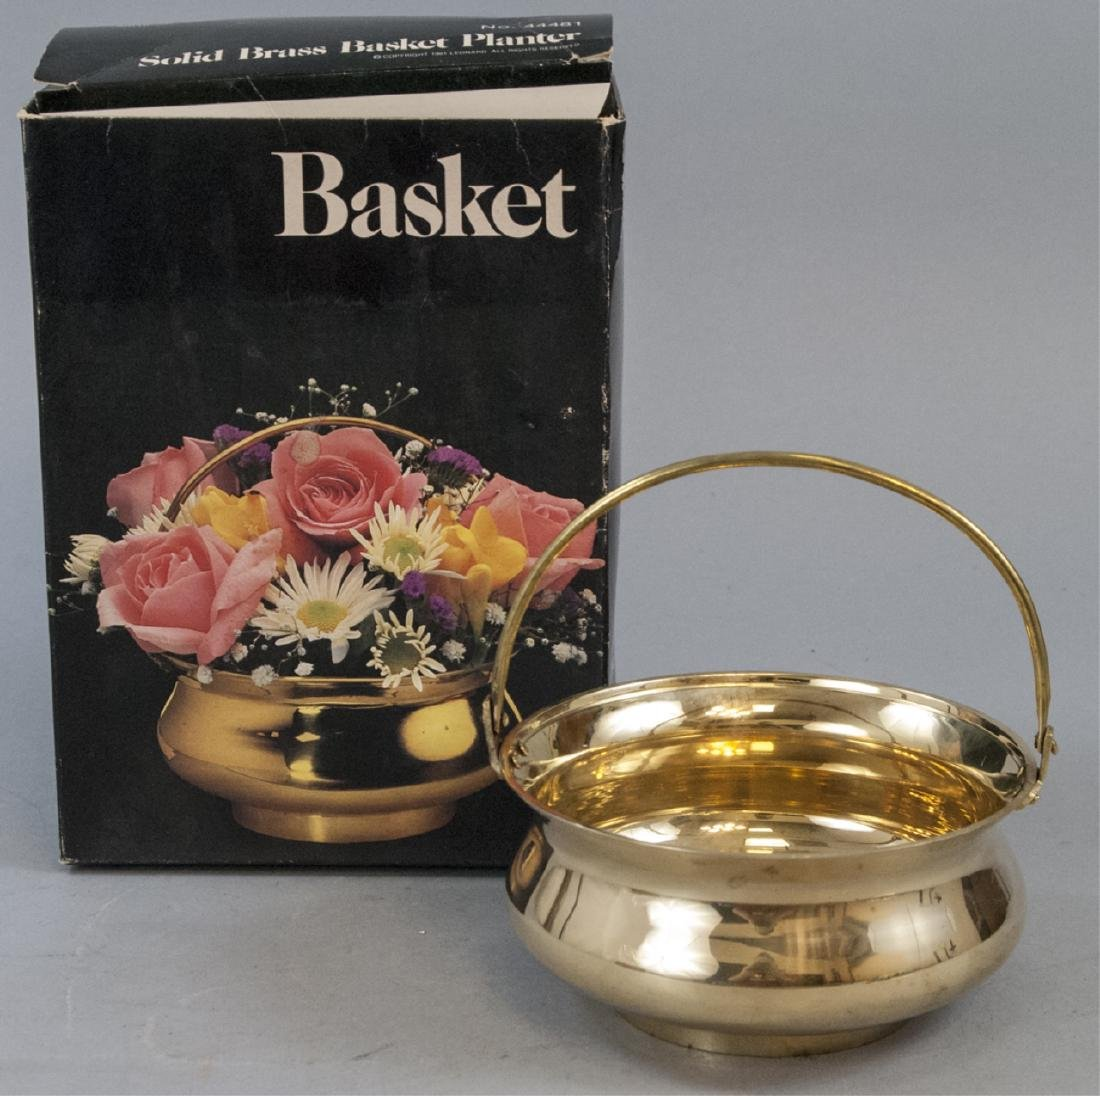 Vintage Leonard Solid Brass Basket Planter